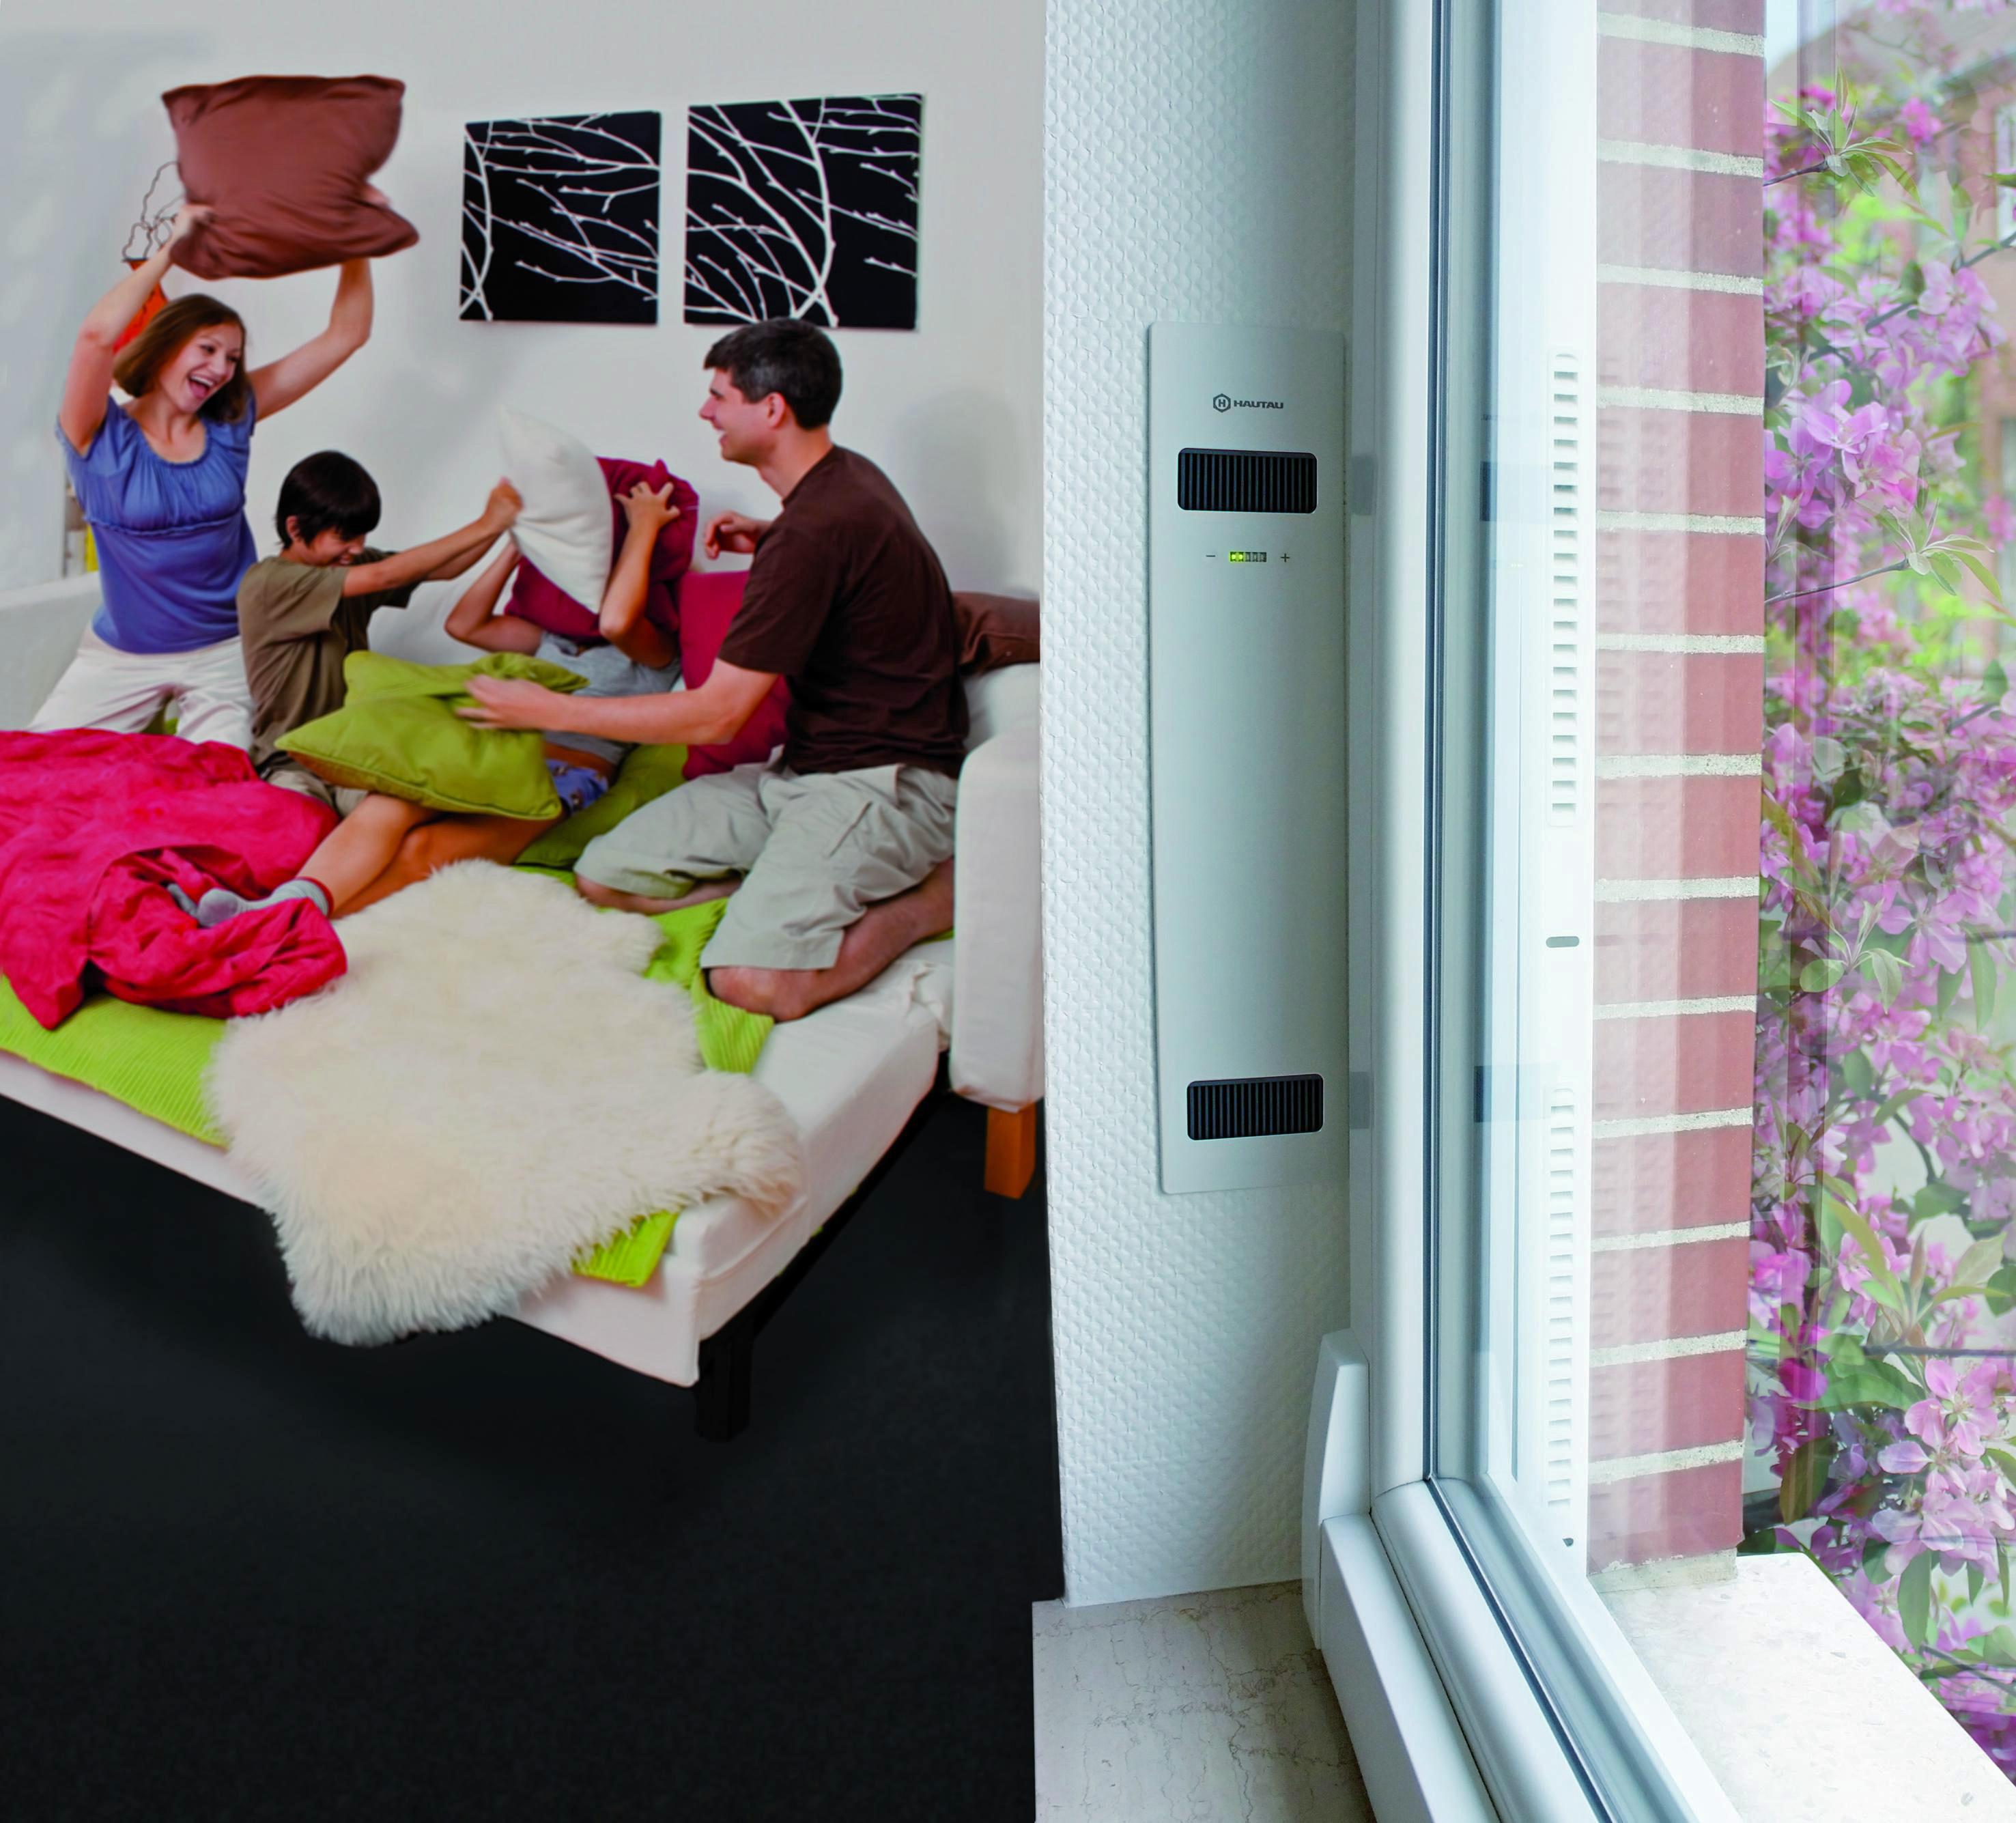 pm 2017 vff richtig lueften 2. Black Bedroom Furniture Sets. Home Design Ideas